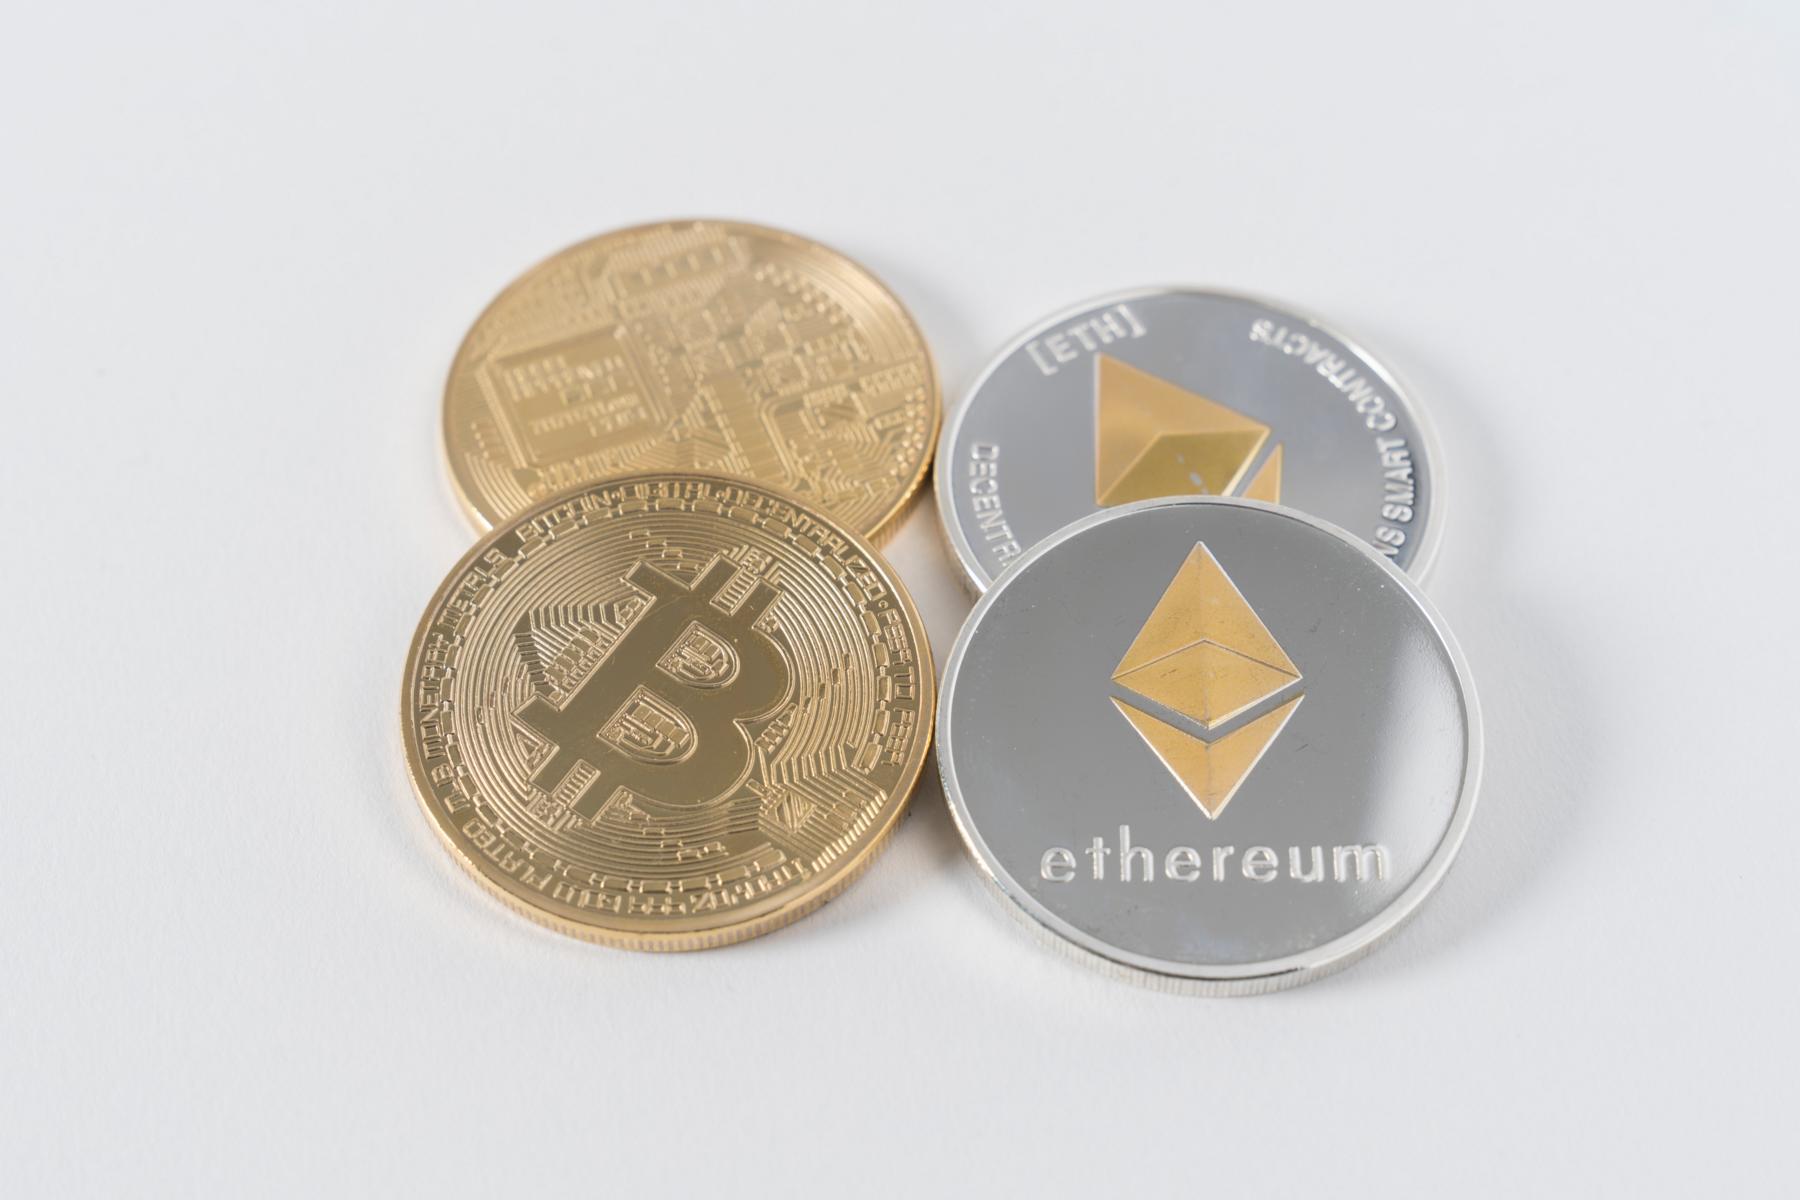 Virtuelle Währung Bitcoin Ether